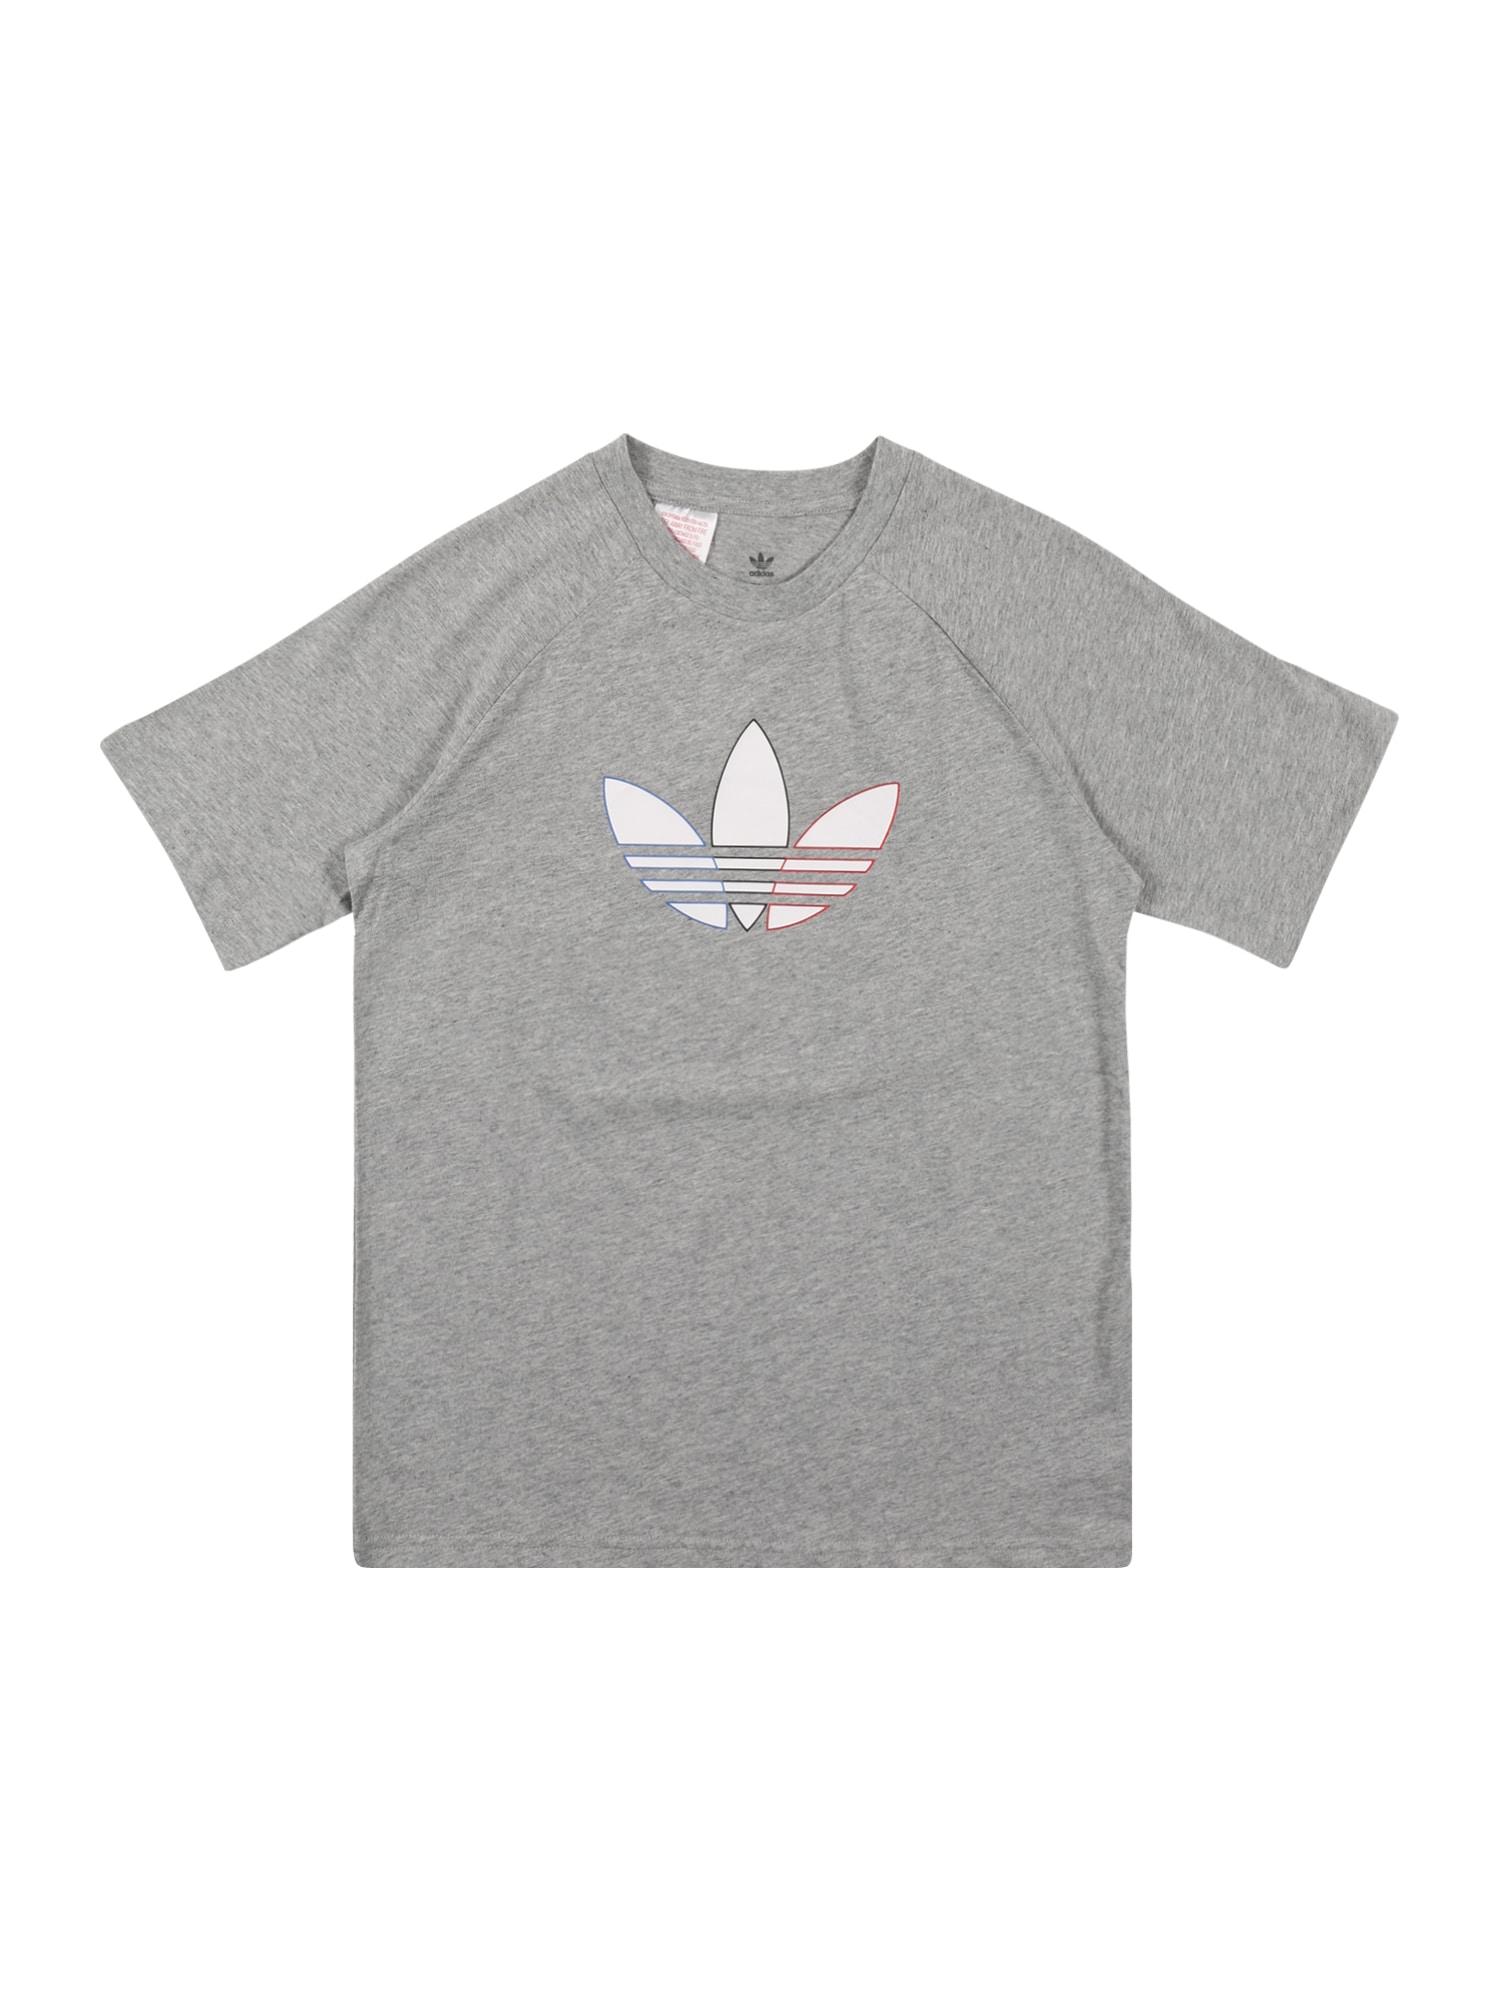 ADIDAS ORIGINALS Marškinėliai margai pilka / balta / mėlyna / raudona / juoda